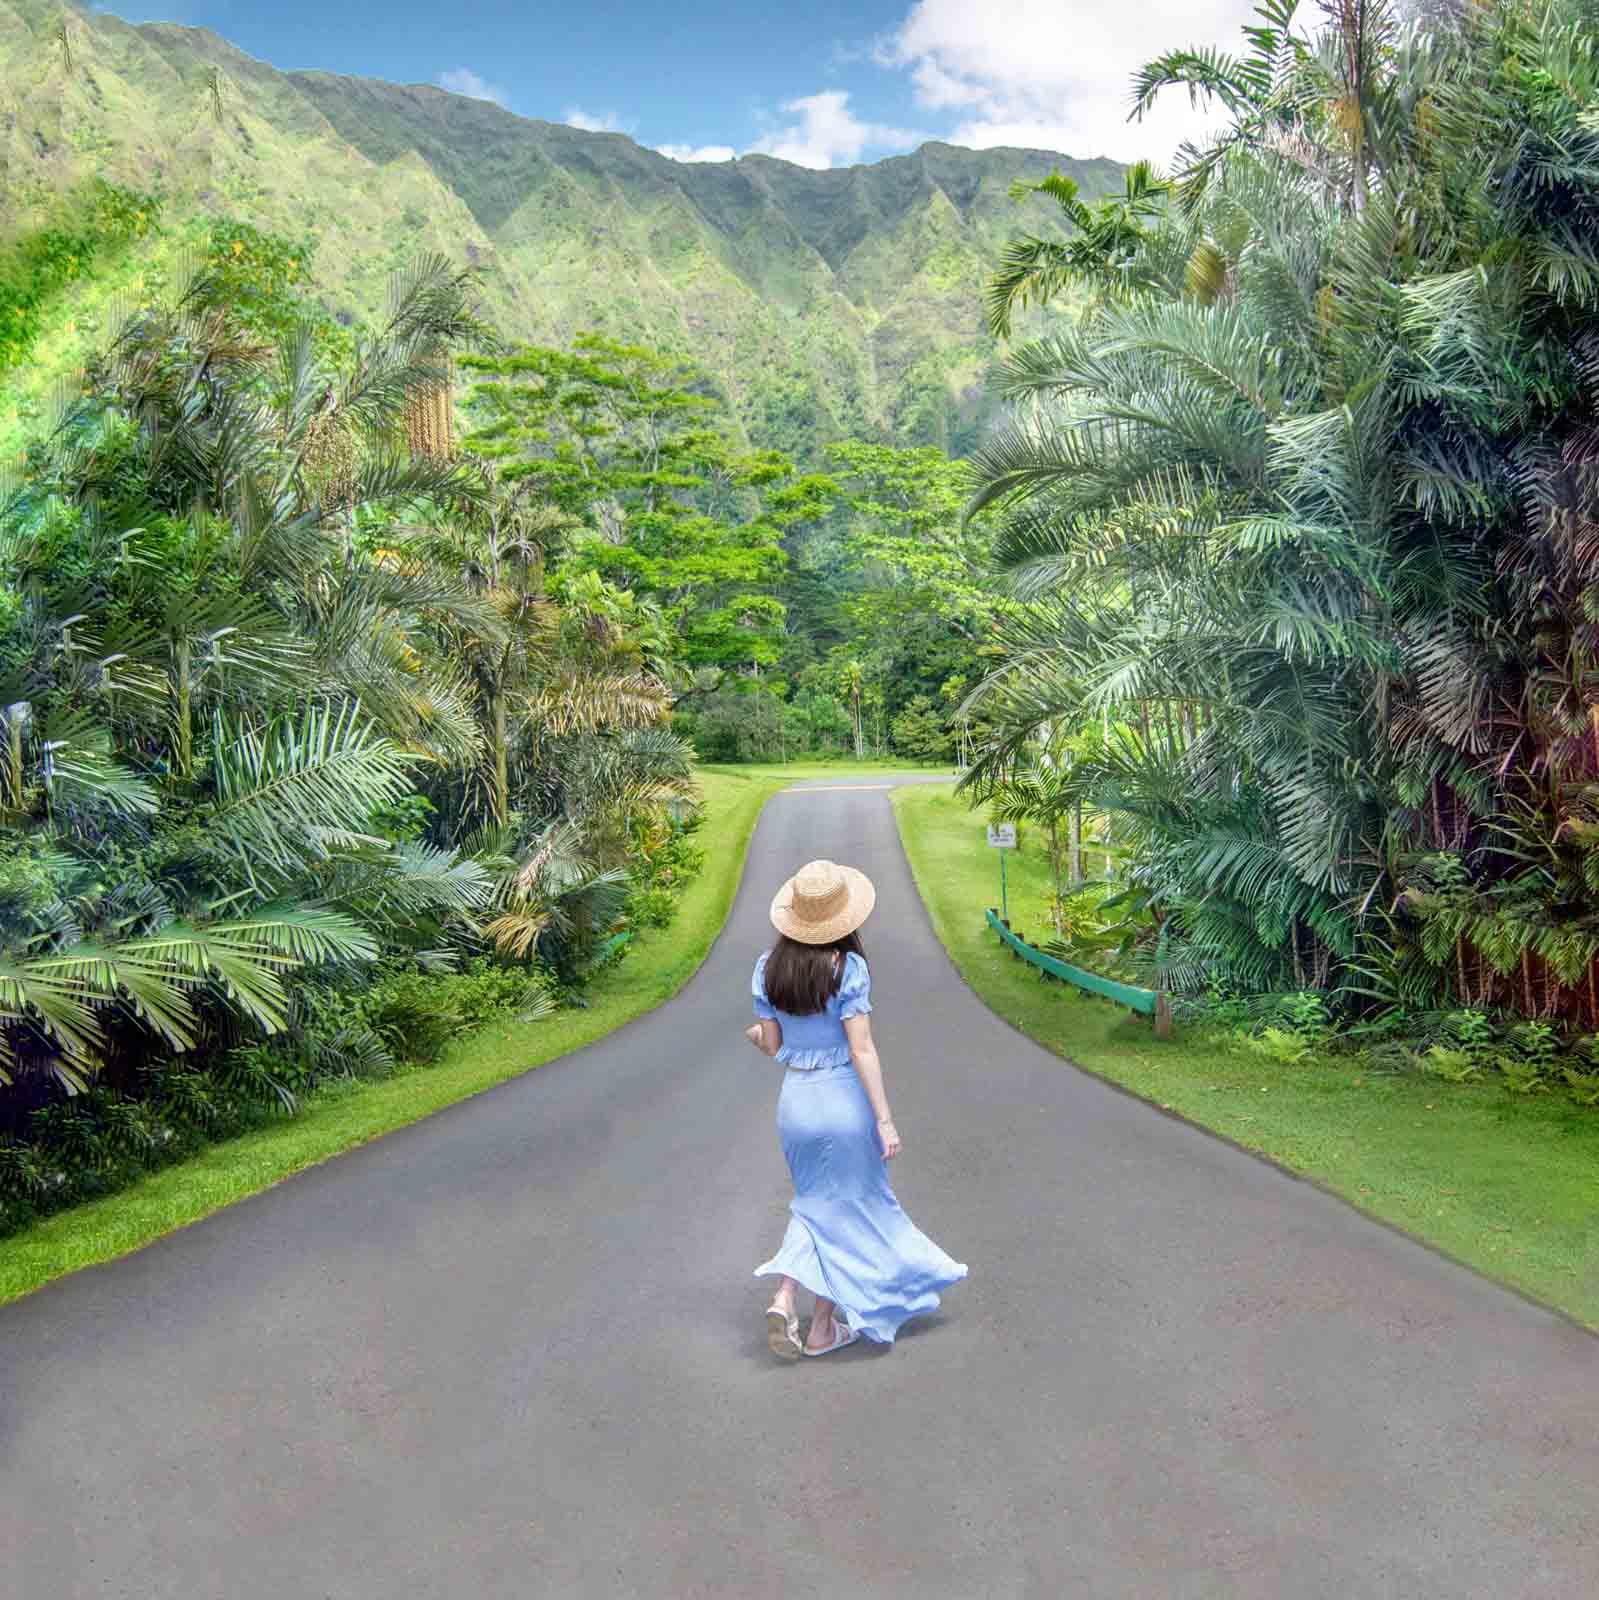 Woman walking through Ho'omaluhia Botanical Garden in Kaneohe, Oahu, Hawaii